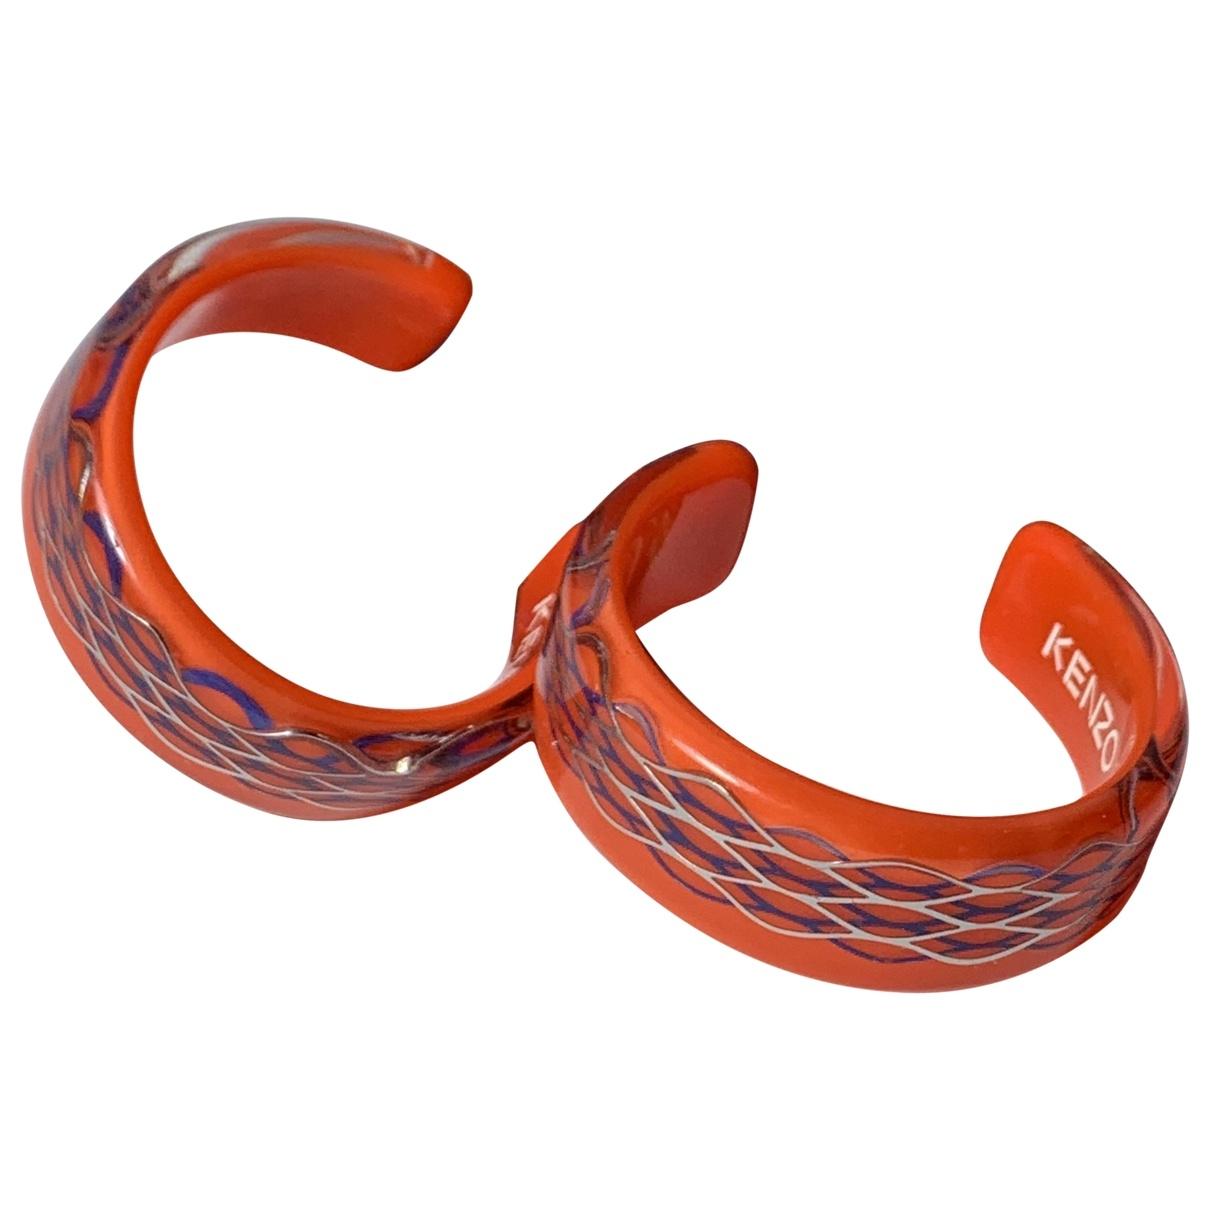 Kenzo X H&m - Boucles doreilles   pour femme - orange